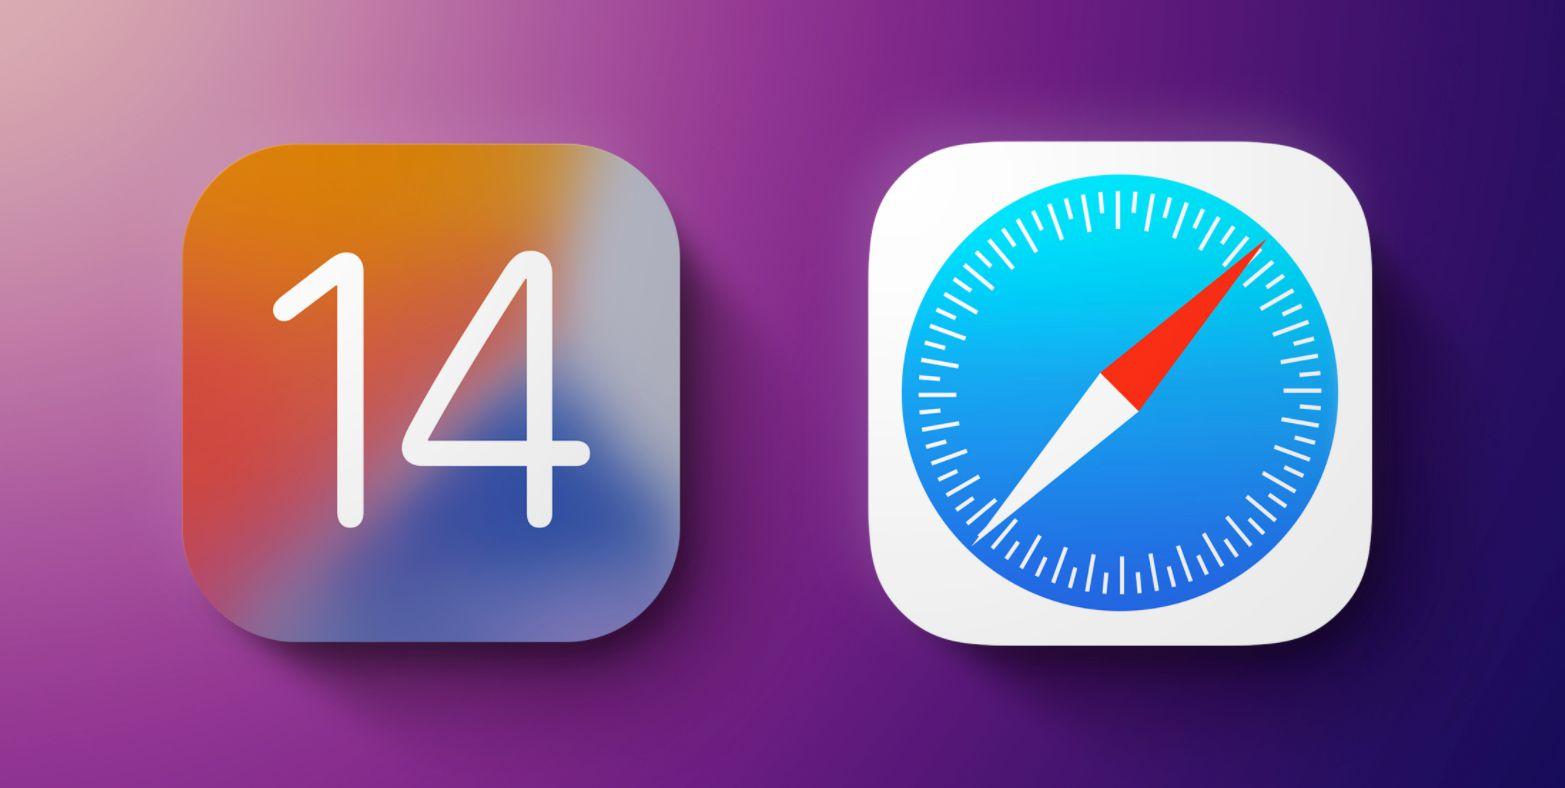 Safari for iOS 14